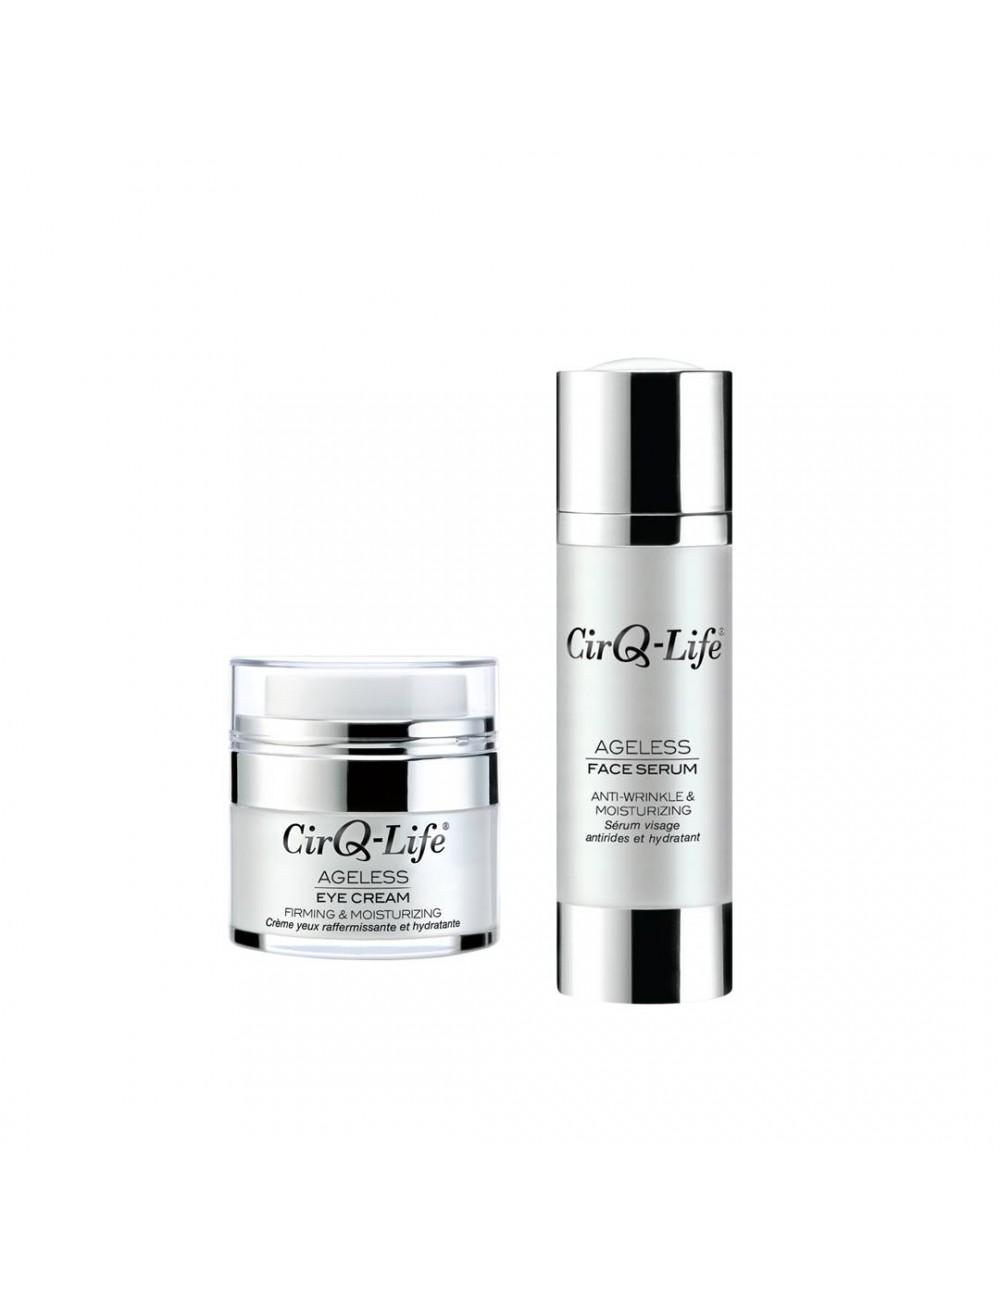 CirQ-Life Eye Cream + Face Serum Bundle